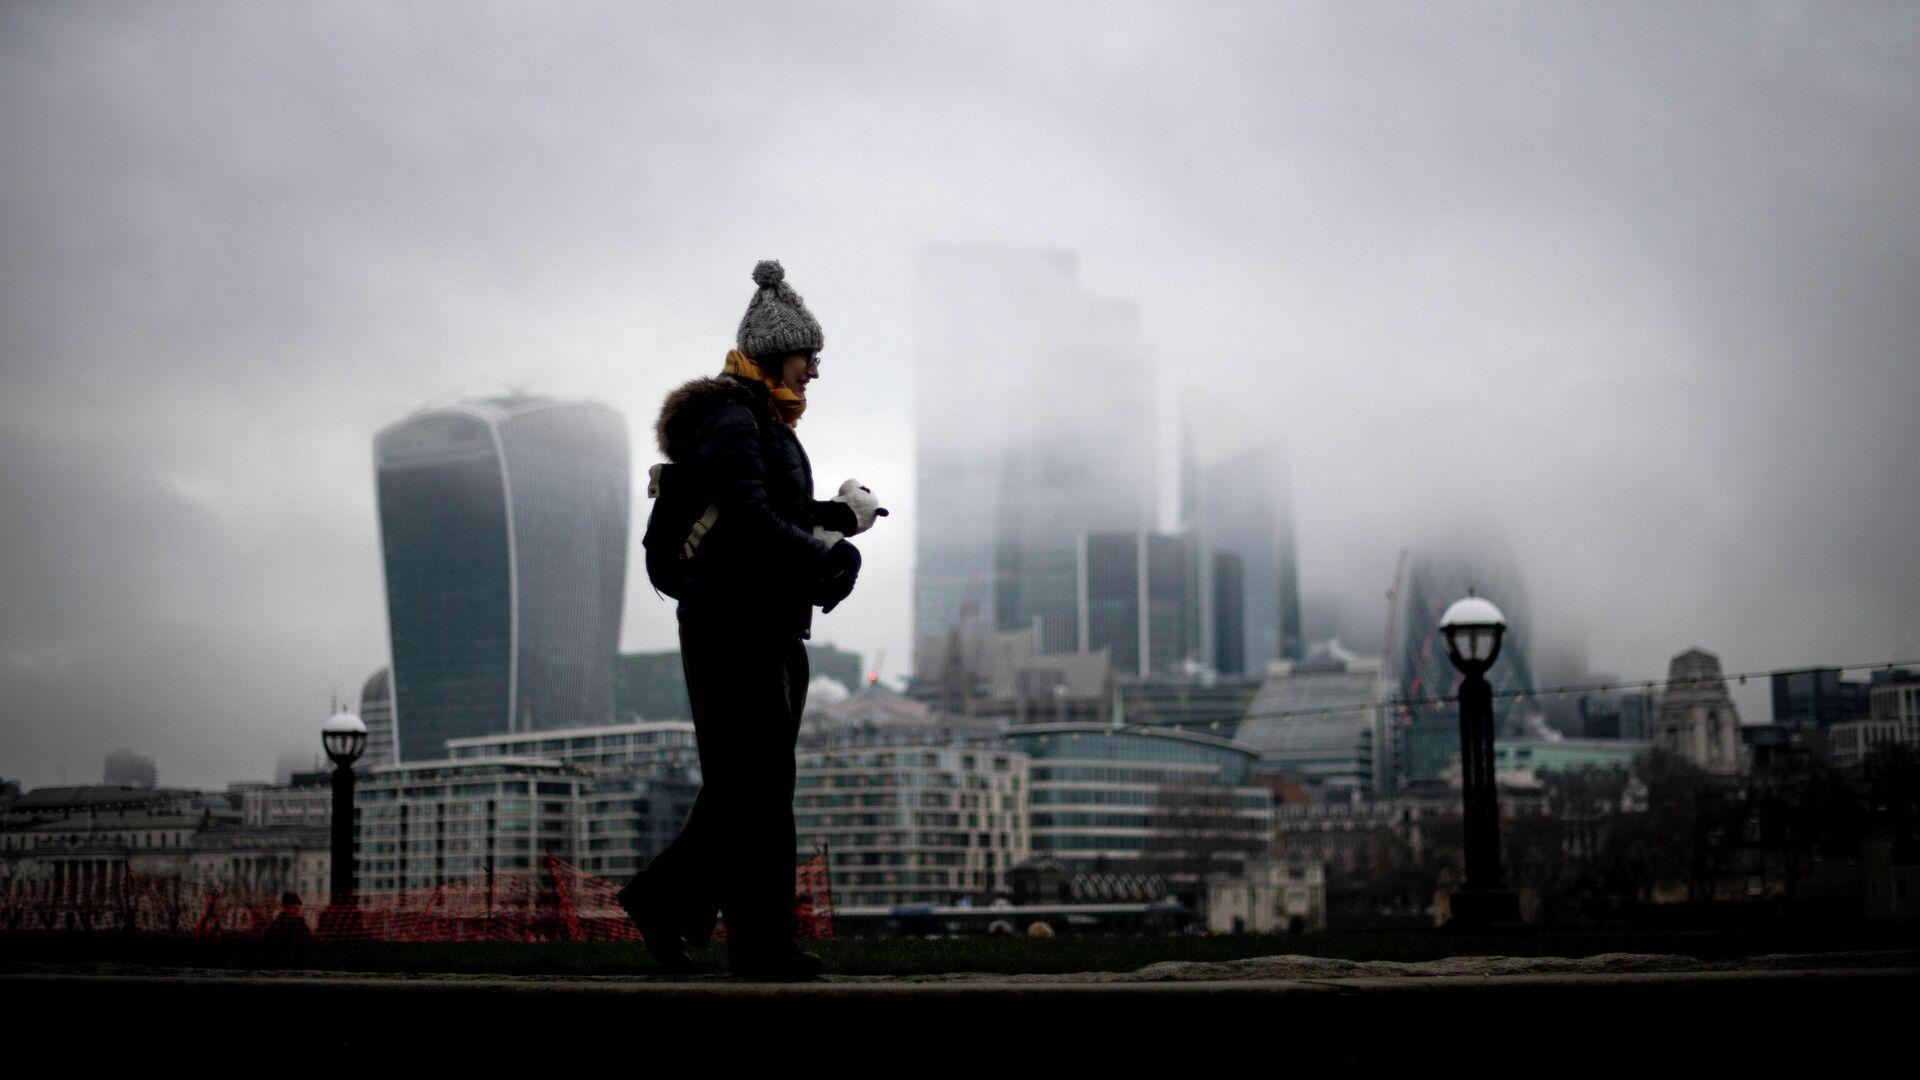 Женщина проходит мимо Сити Лондон - РИА Новости, 1920, 13.01.2021